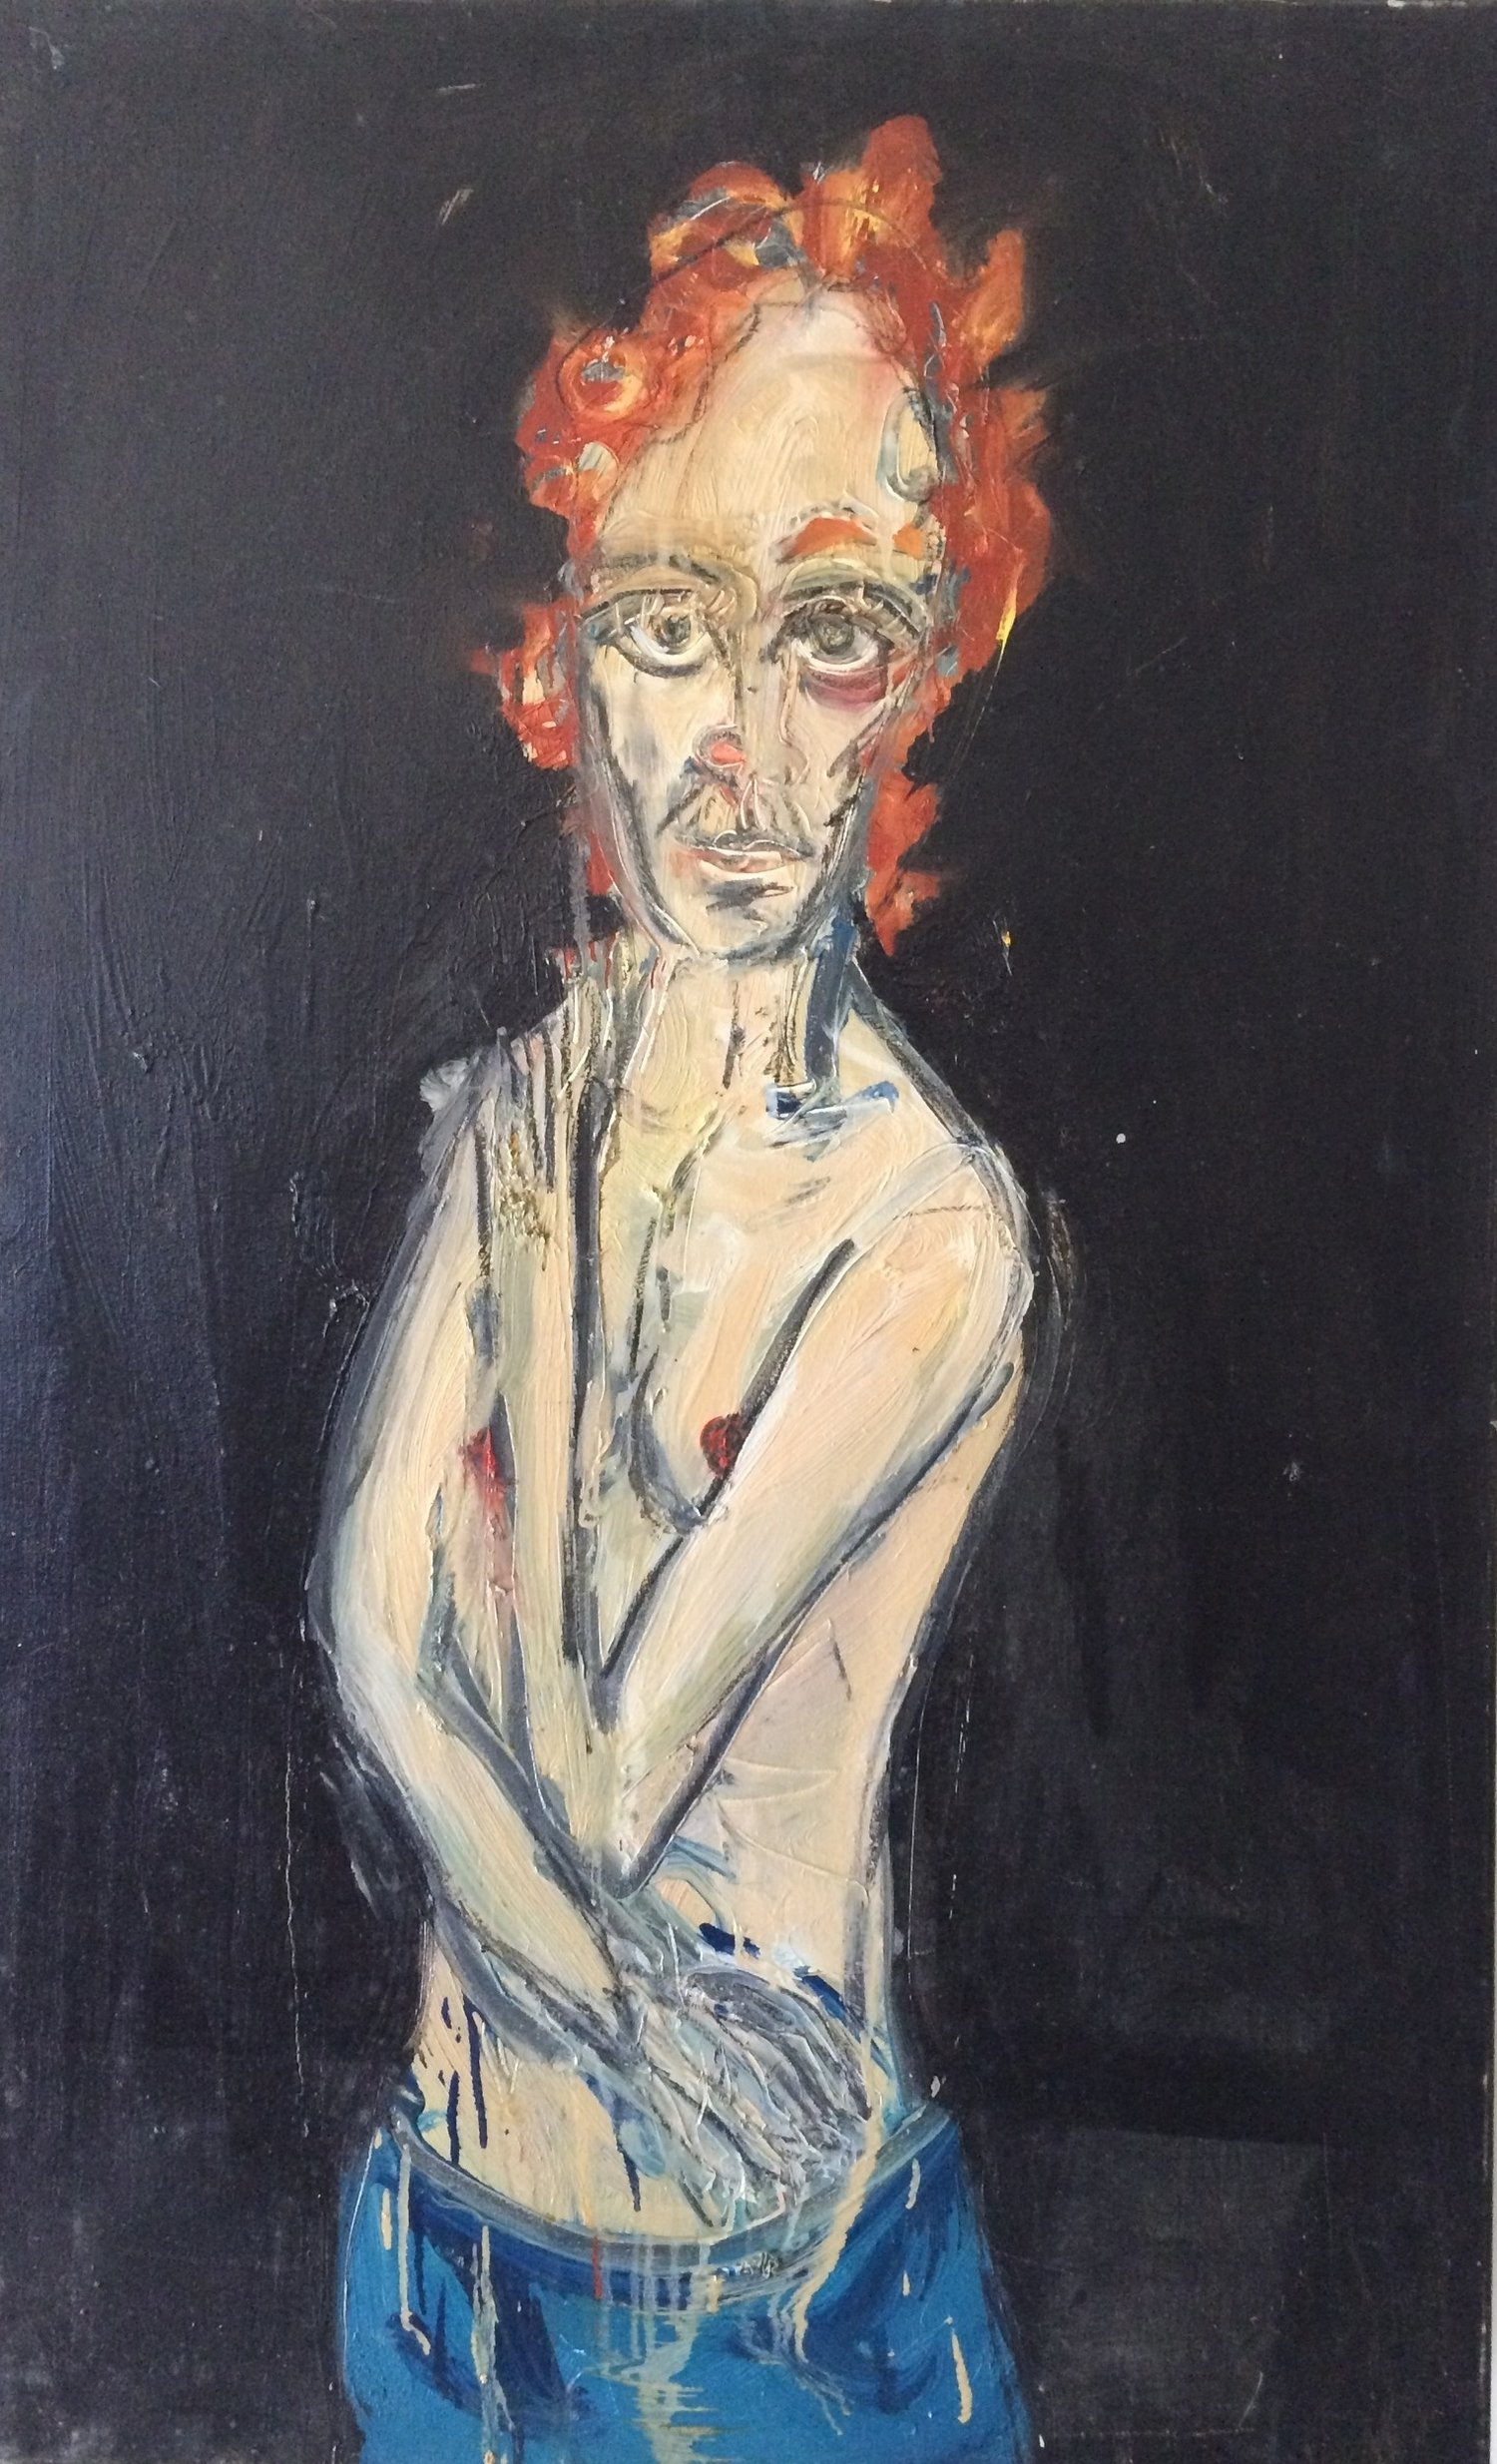 Irina - Oil on canvas 2014